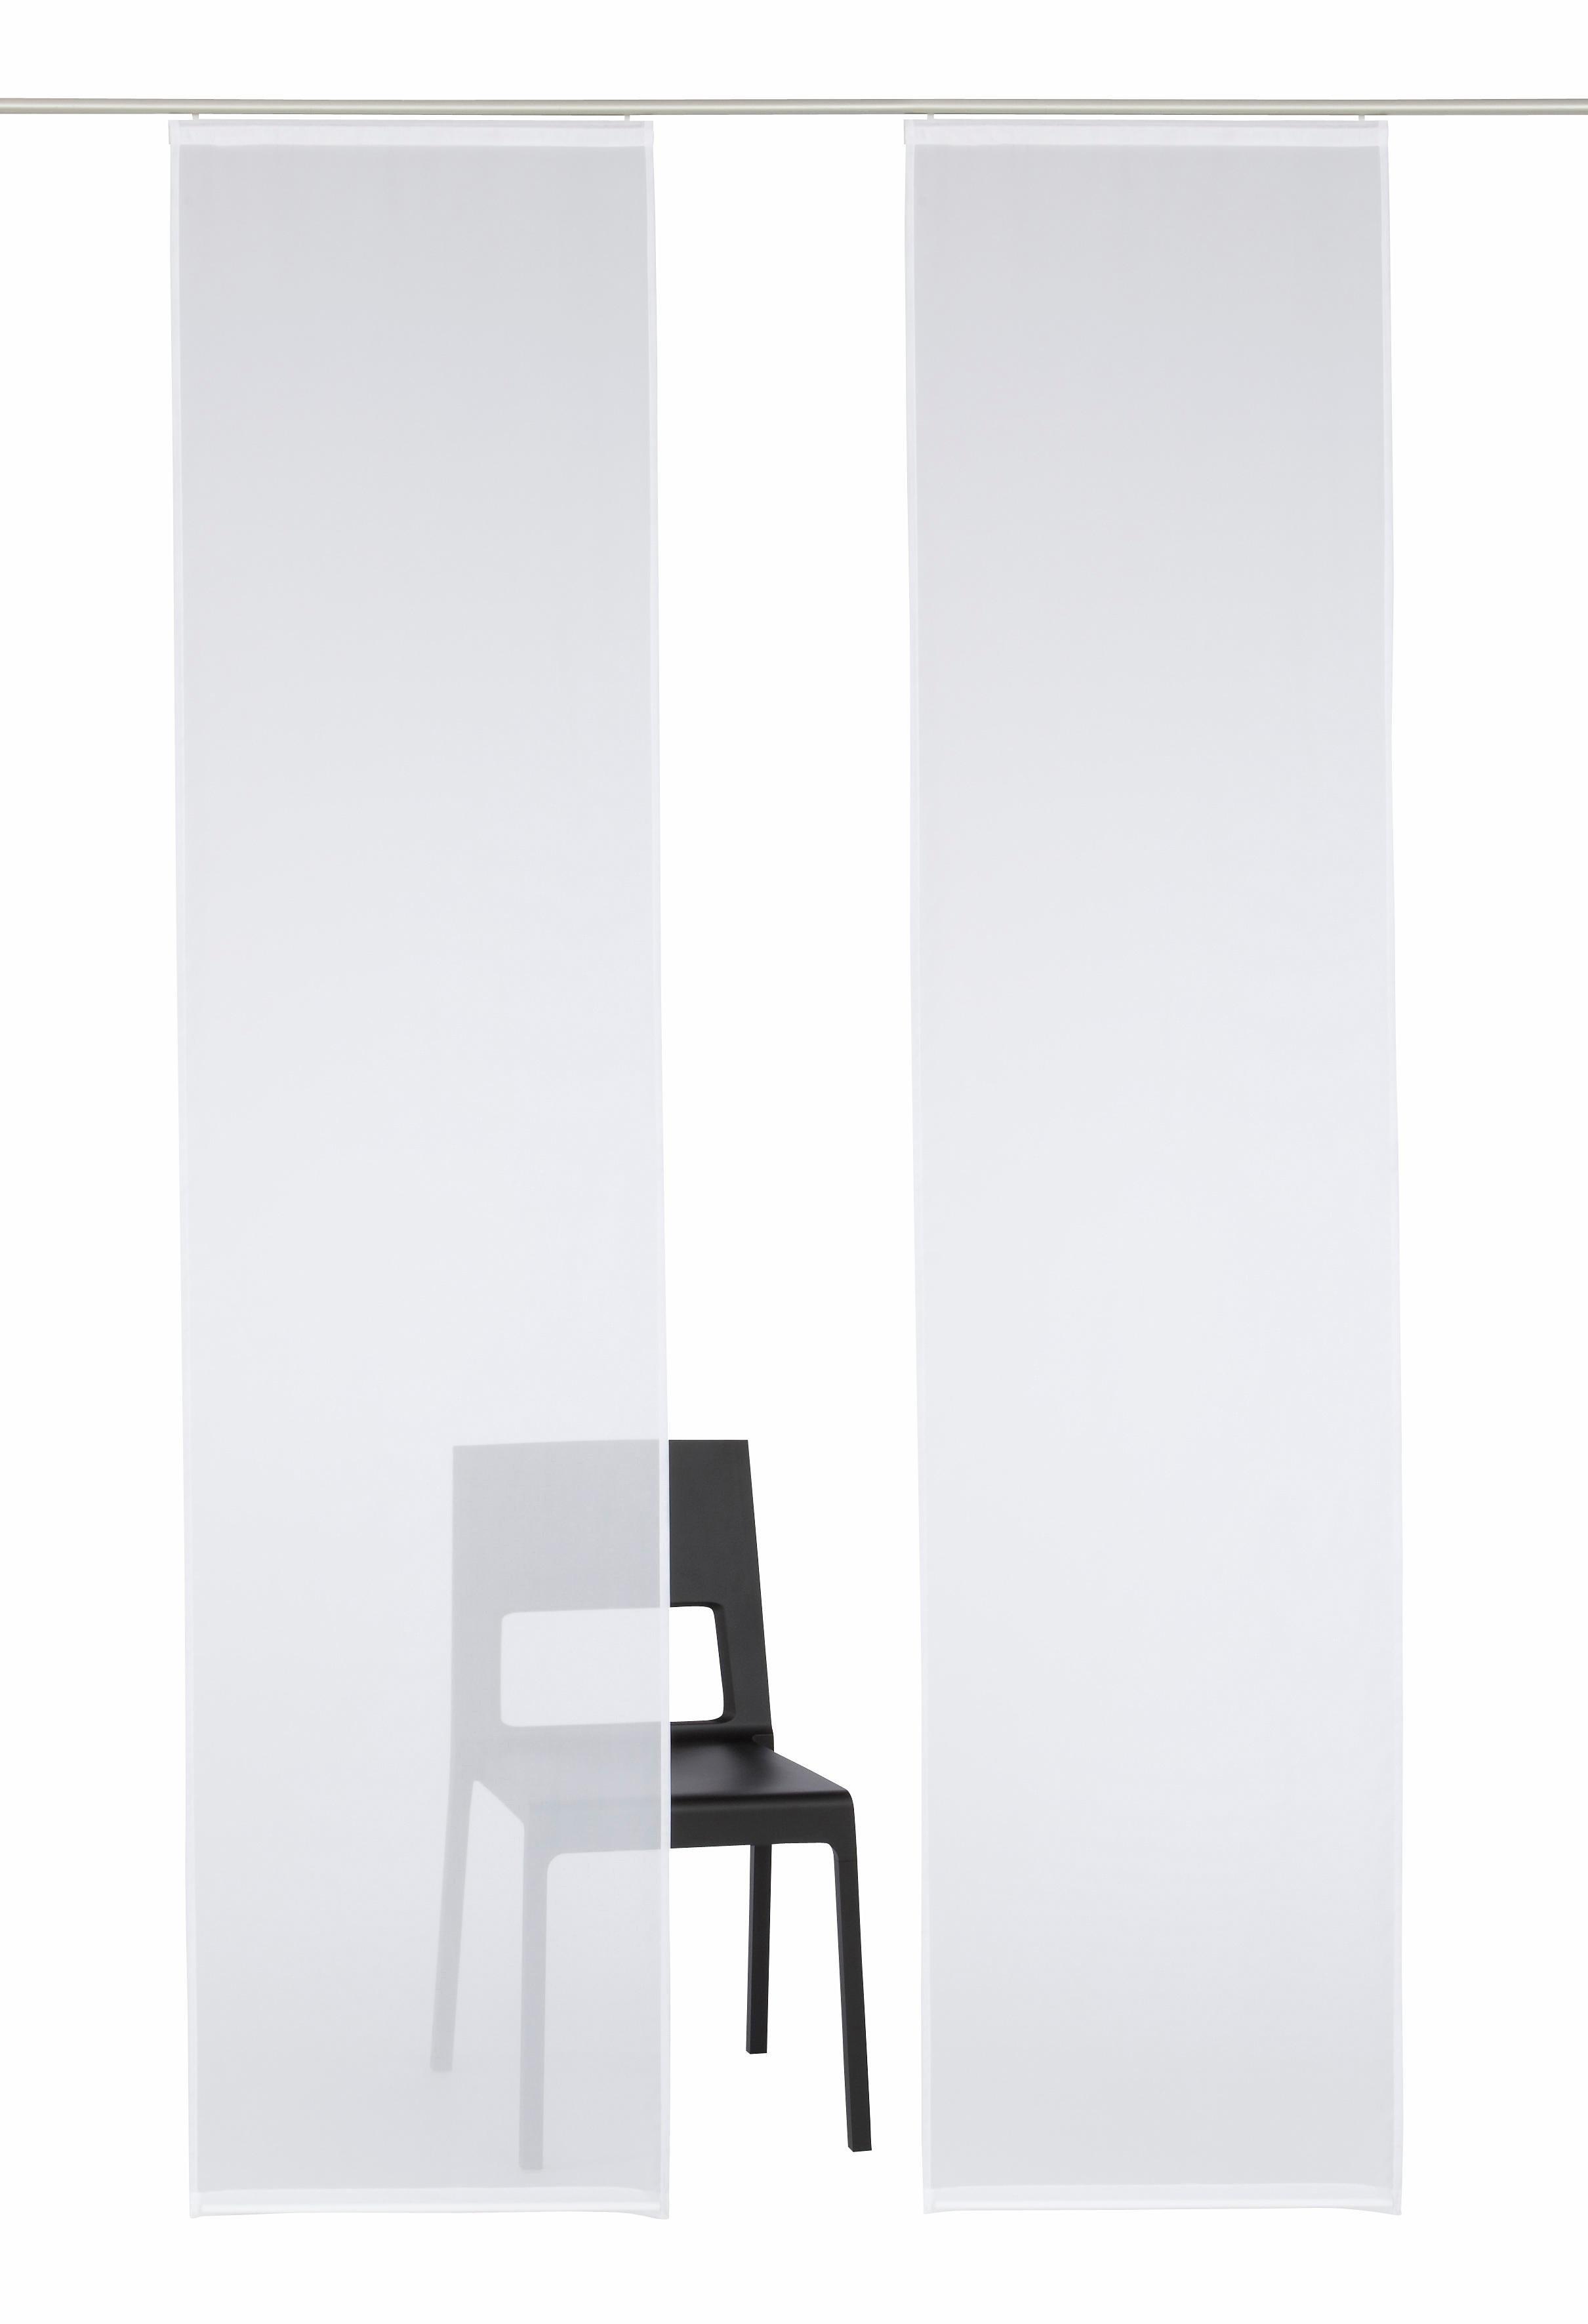 my home paneelgordijn Xanten Inclusief bevestigingsmateriaal, breedte 57 cm (2 stuks) online kopen op otto.nl